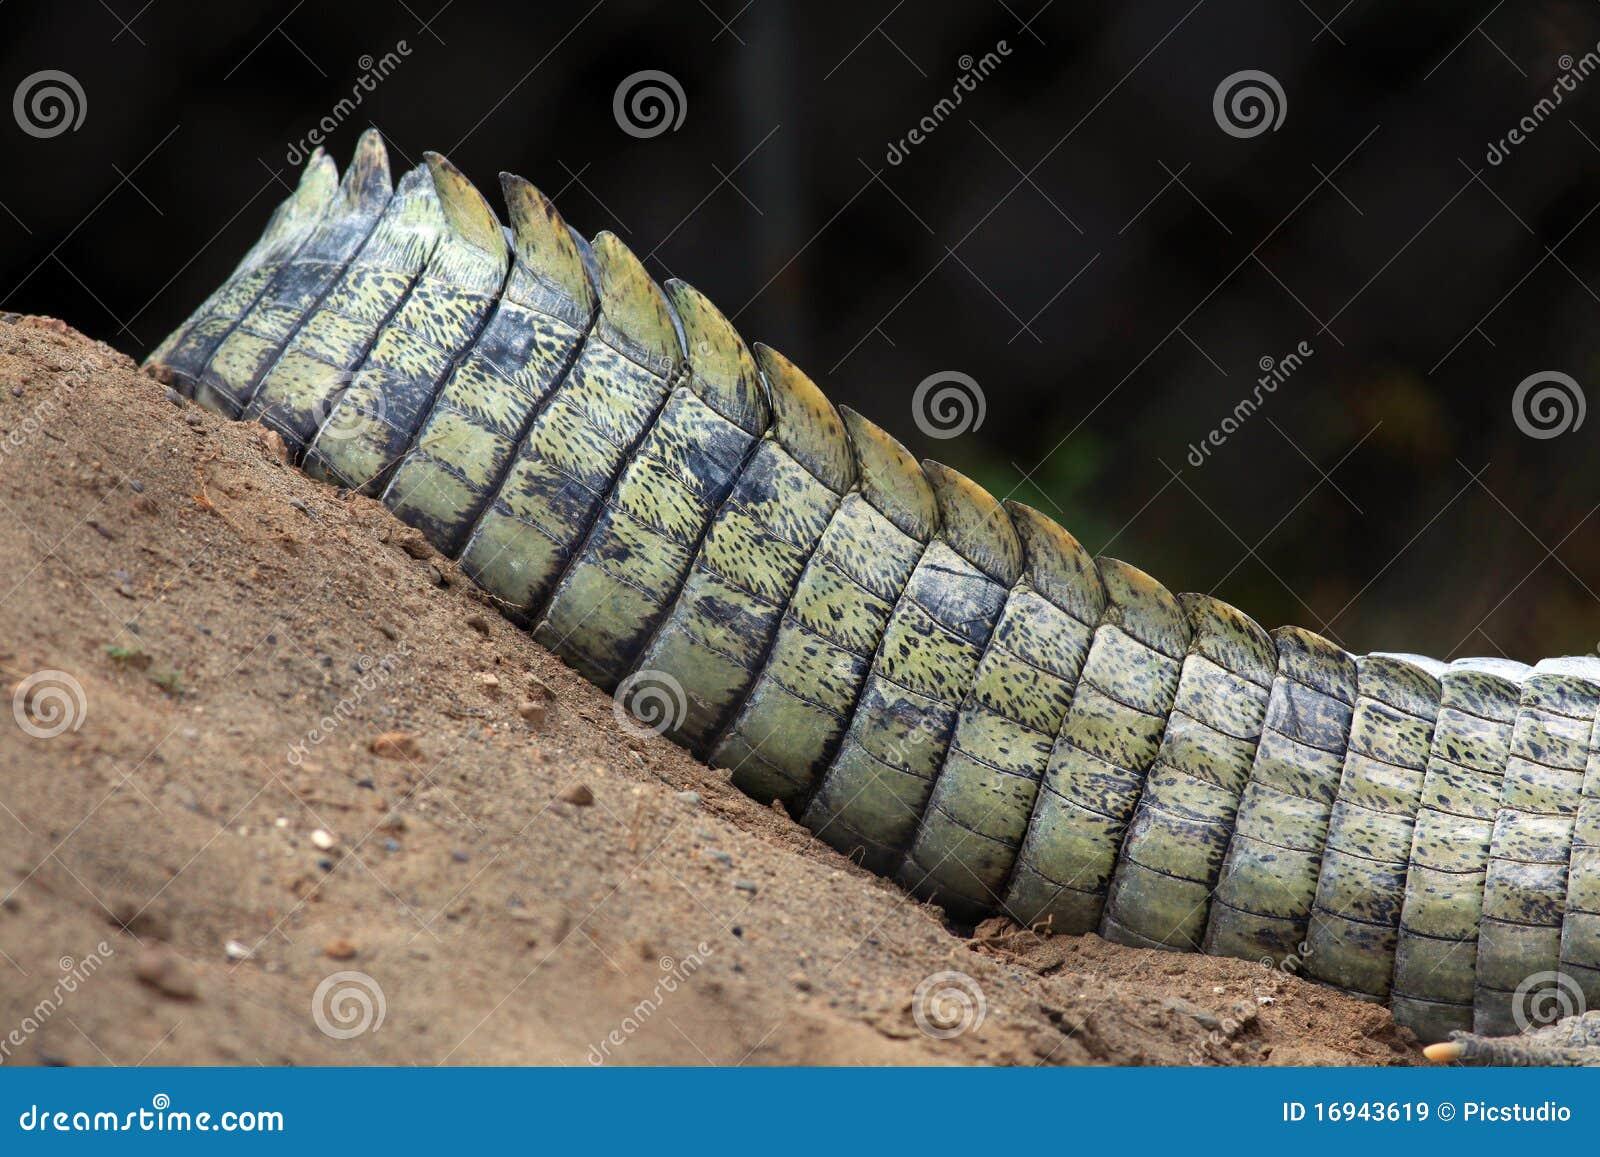 Crocodile tail - photo#26